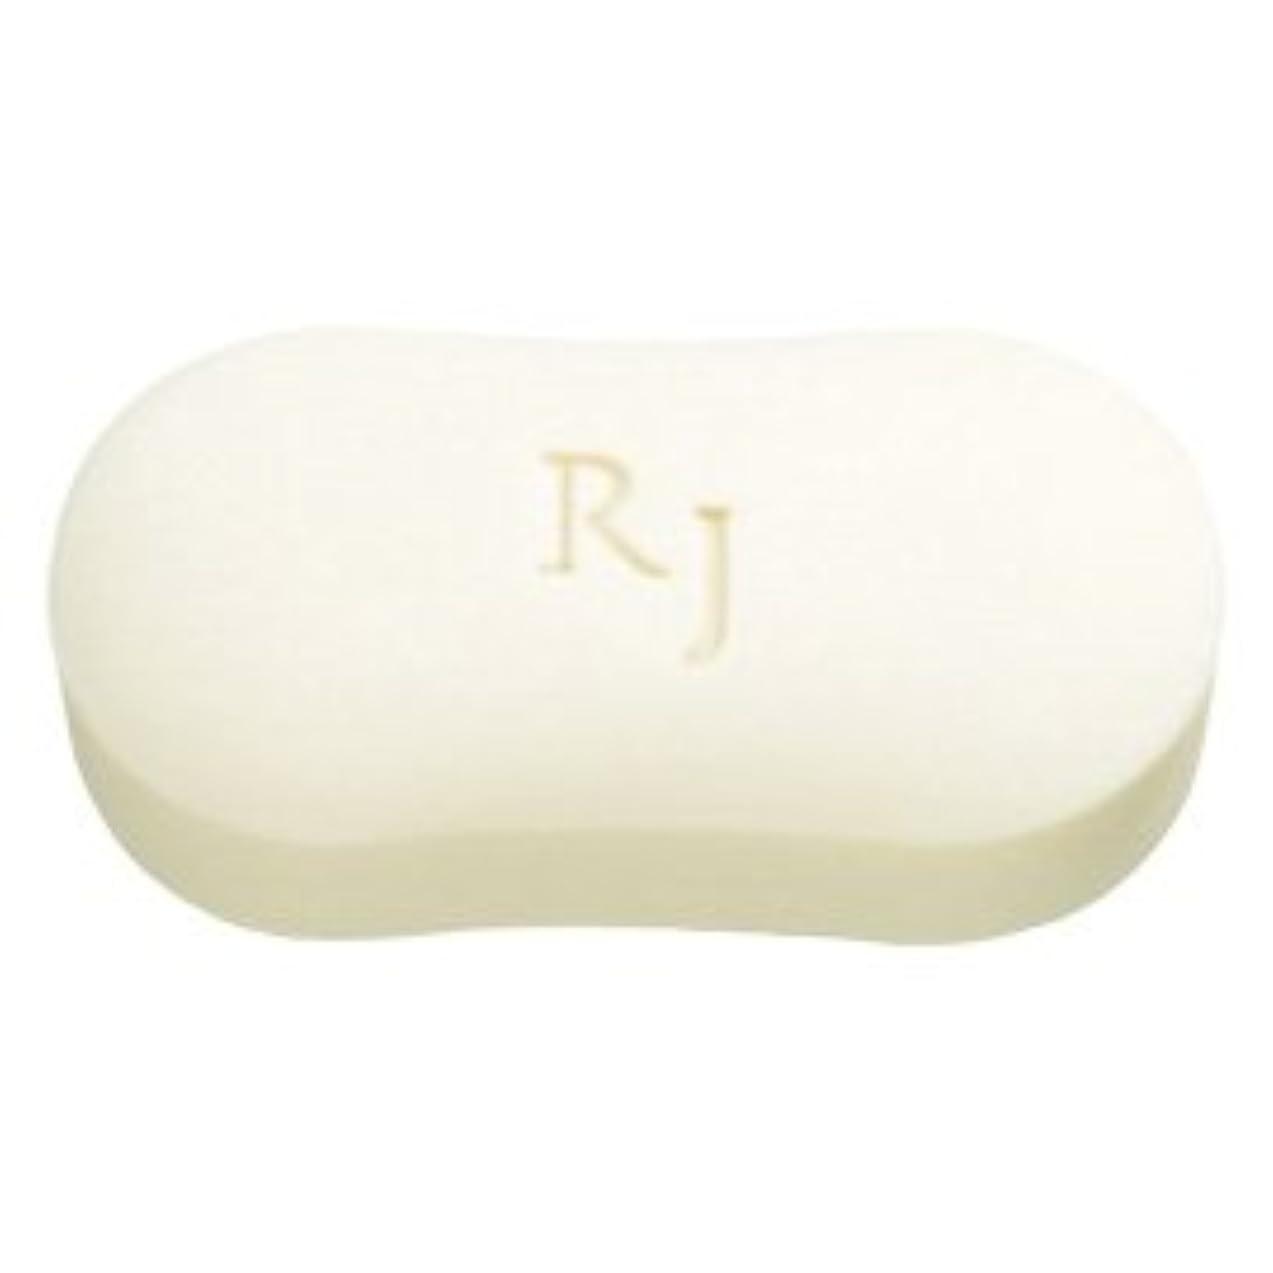 グレードマント家庭RJホワイトソープ(洗顔石鹸?ボディソープ) 脂性肌用 120g/Royal Jelly White Soap<120g>